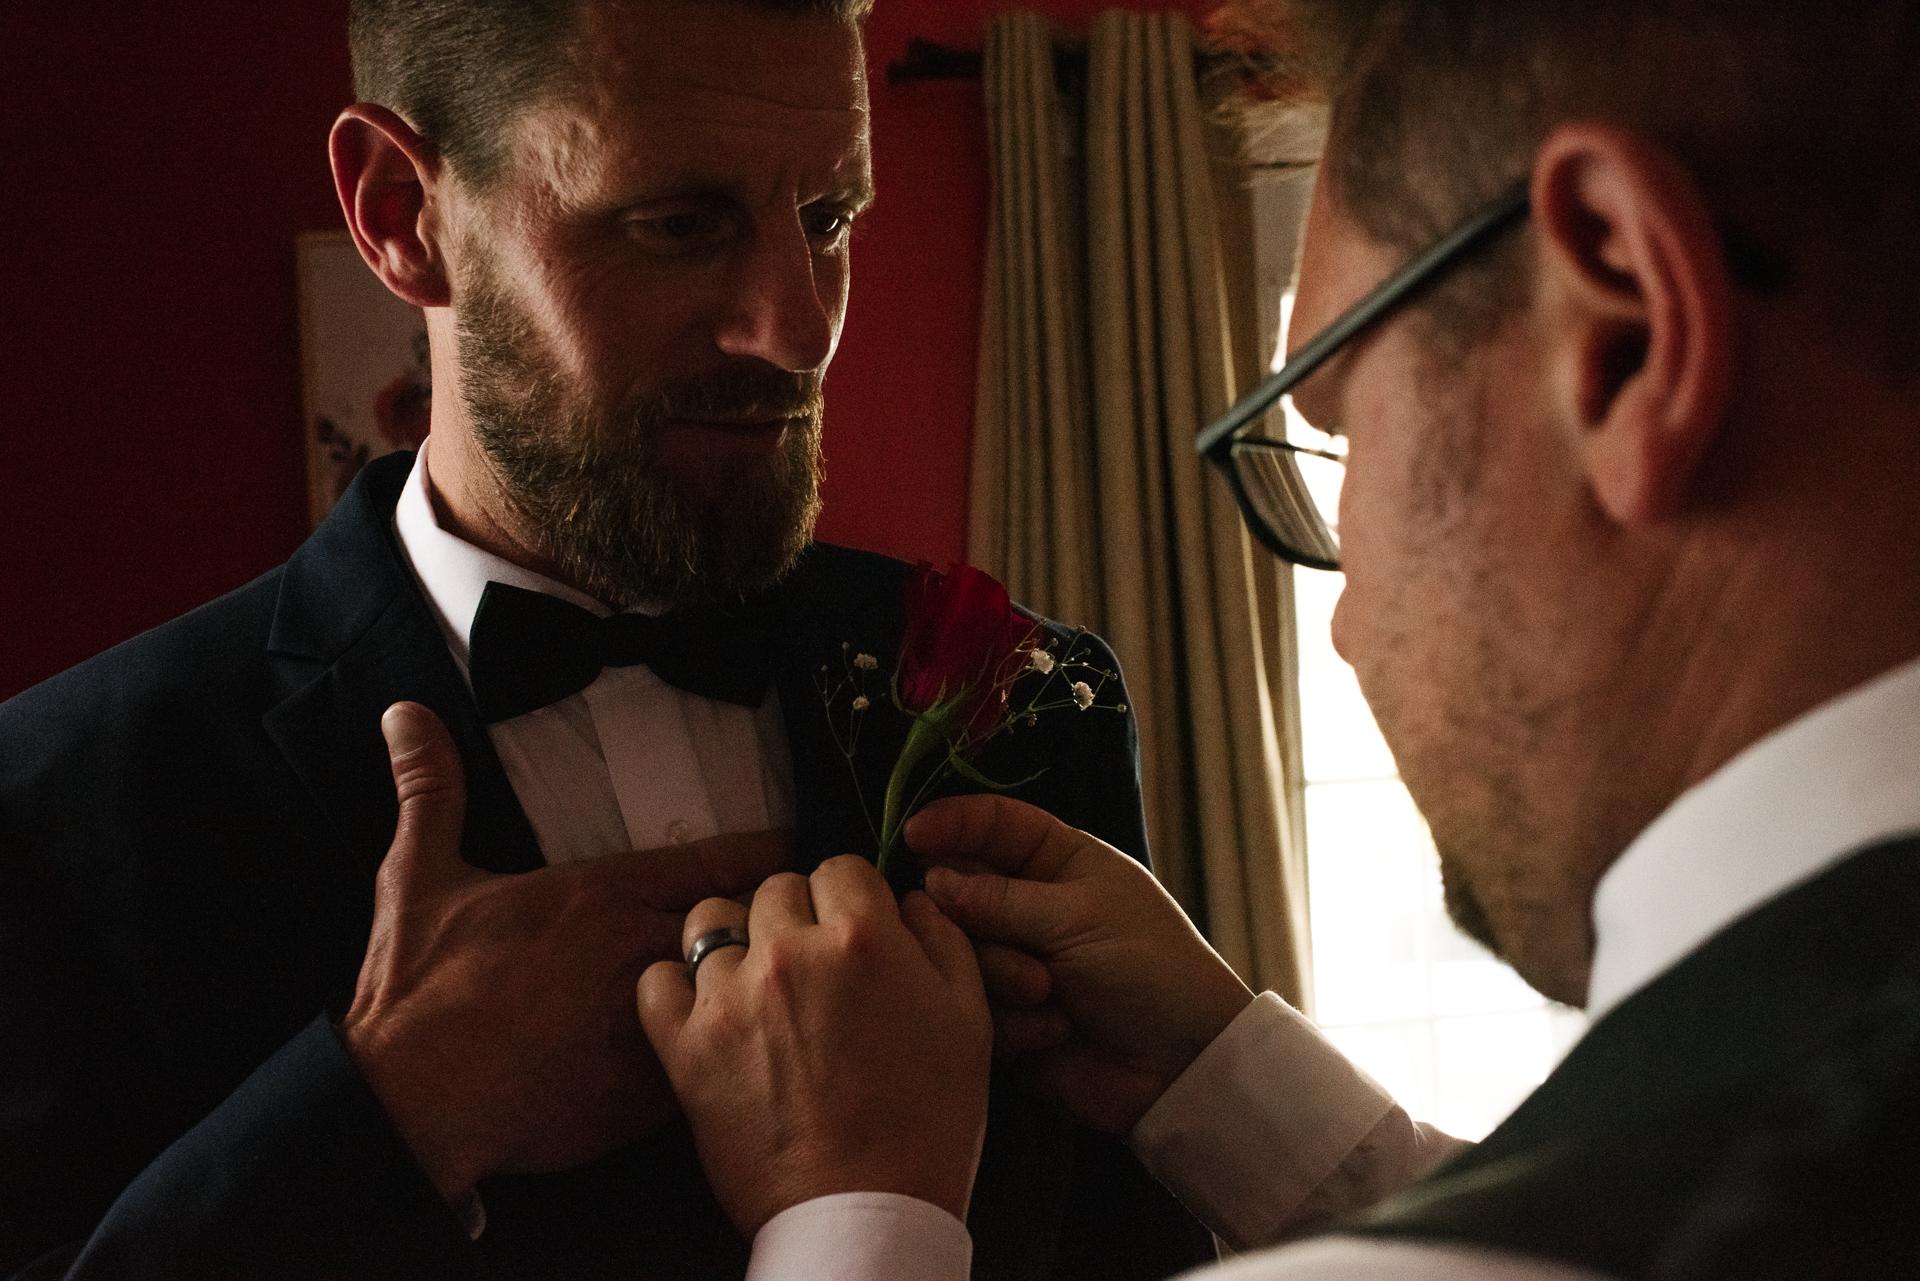 Tamworth Hochzeitsfotograf | Der Freund des Bräutigams bringt den Boutonniere an